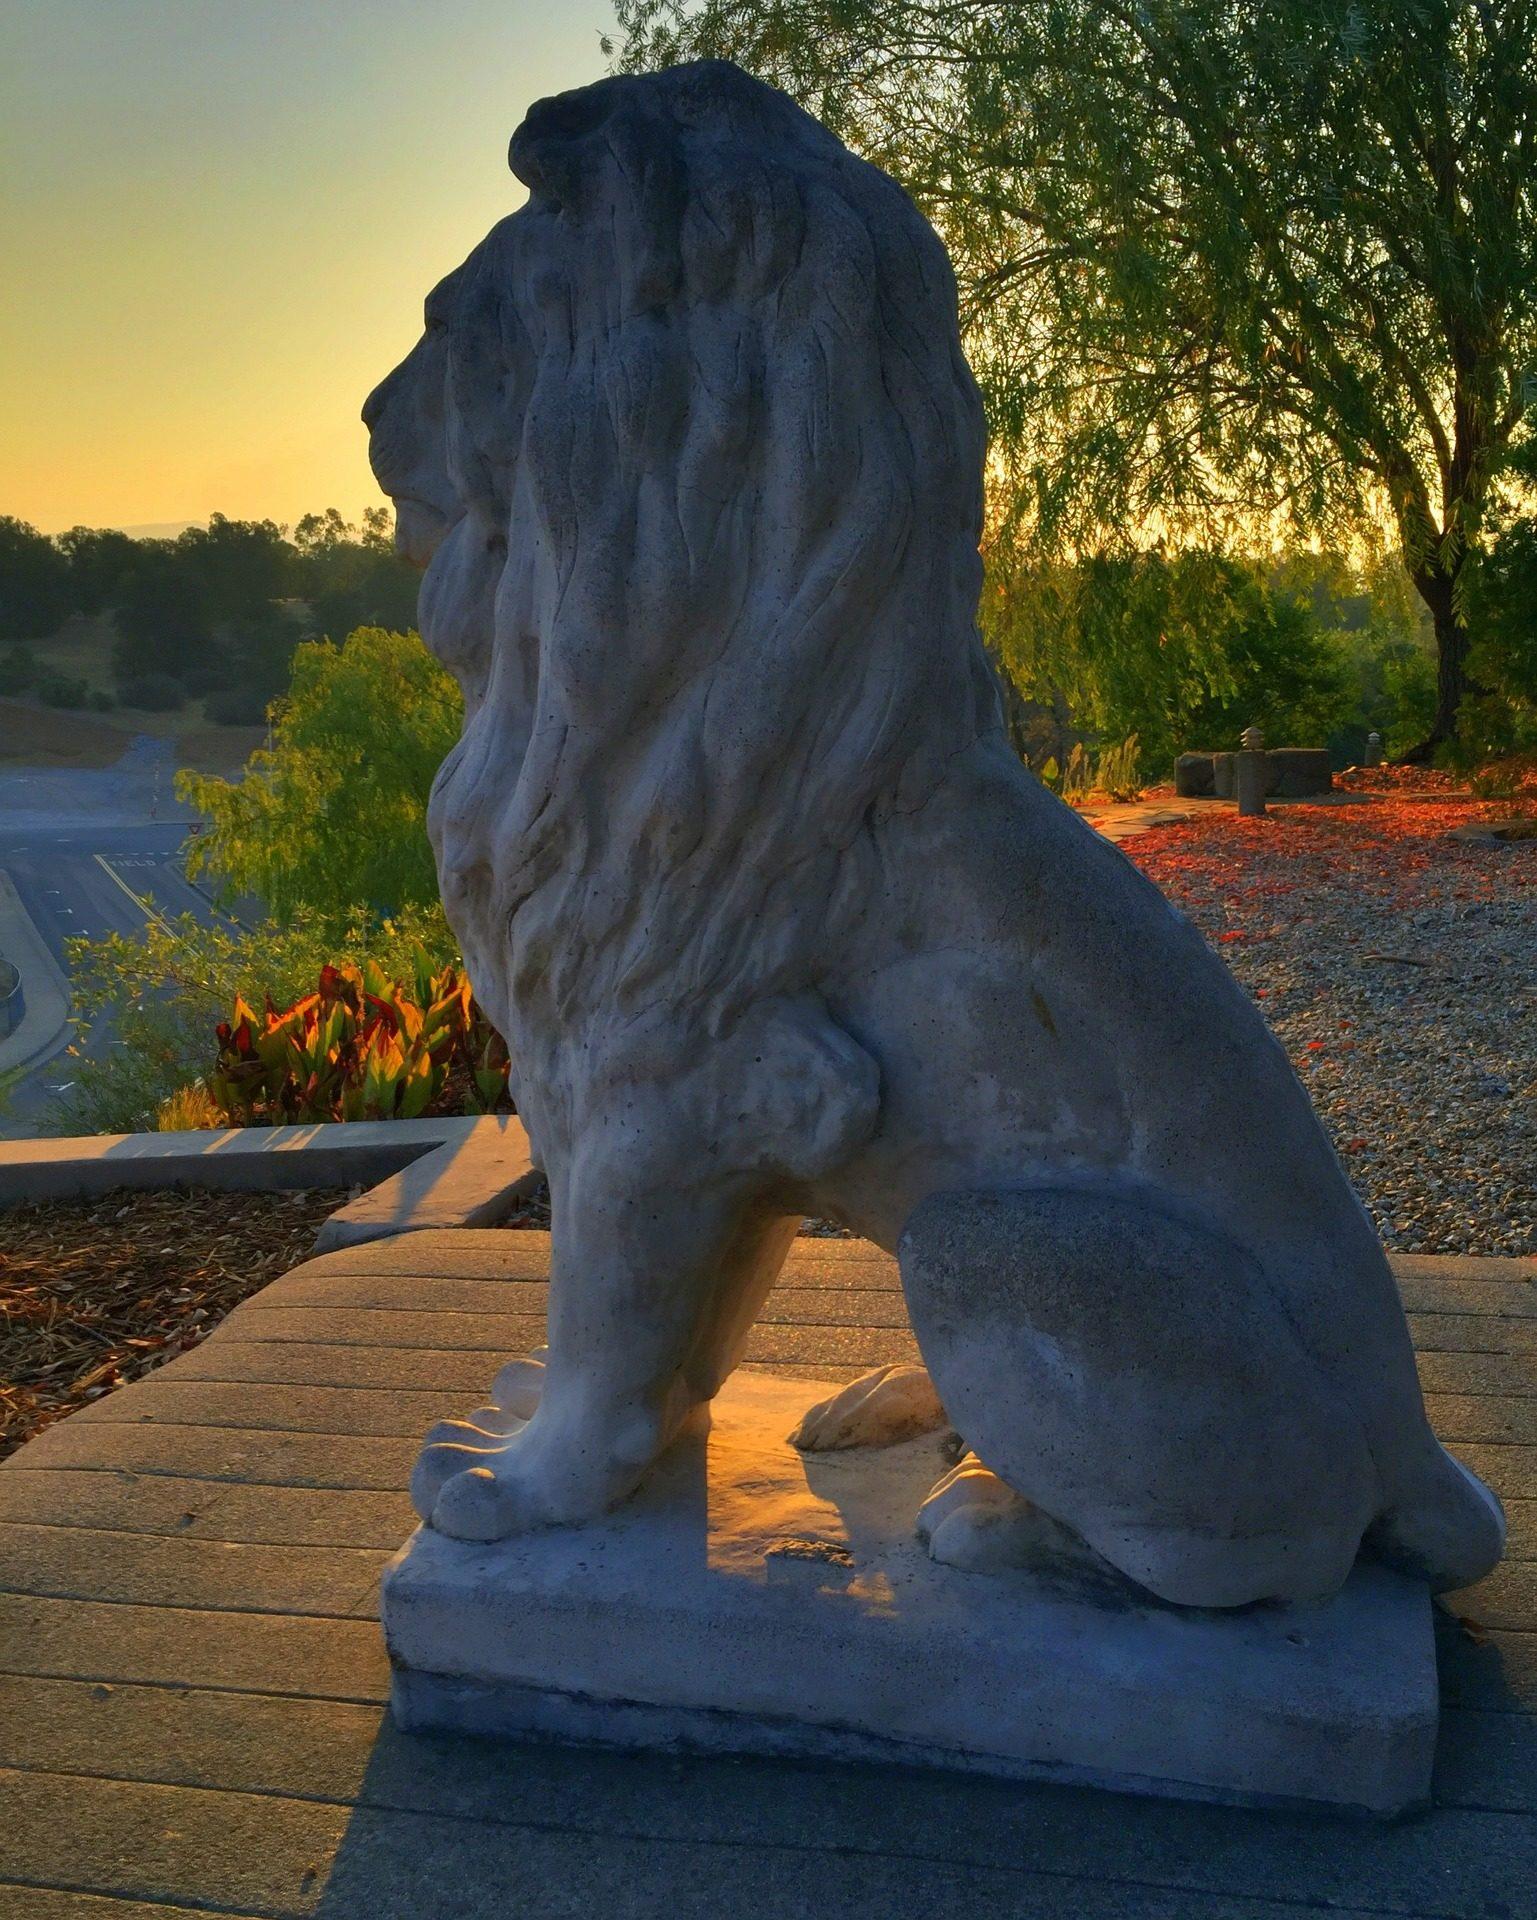 Fondo de pantalla de le n estatua escultura jard n for Estatuas jardin